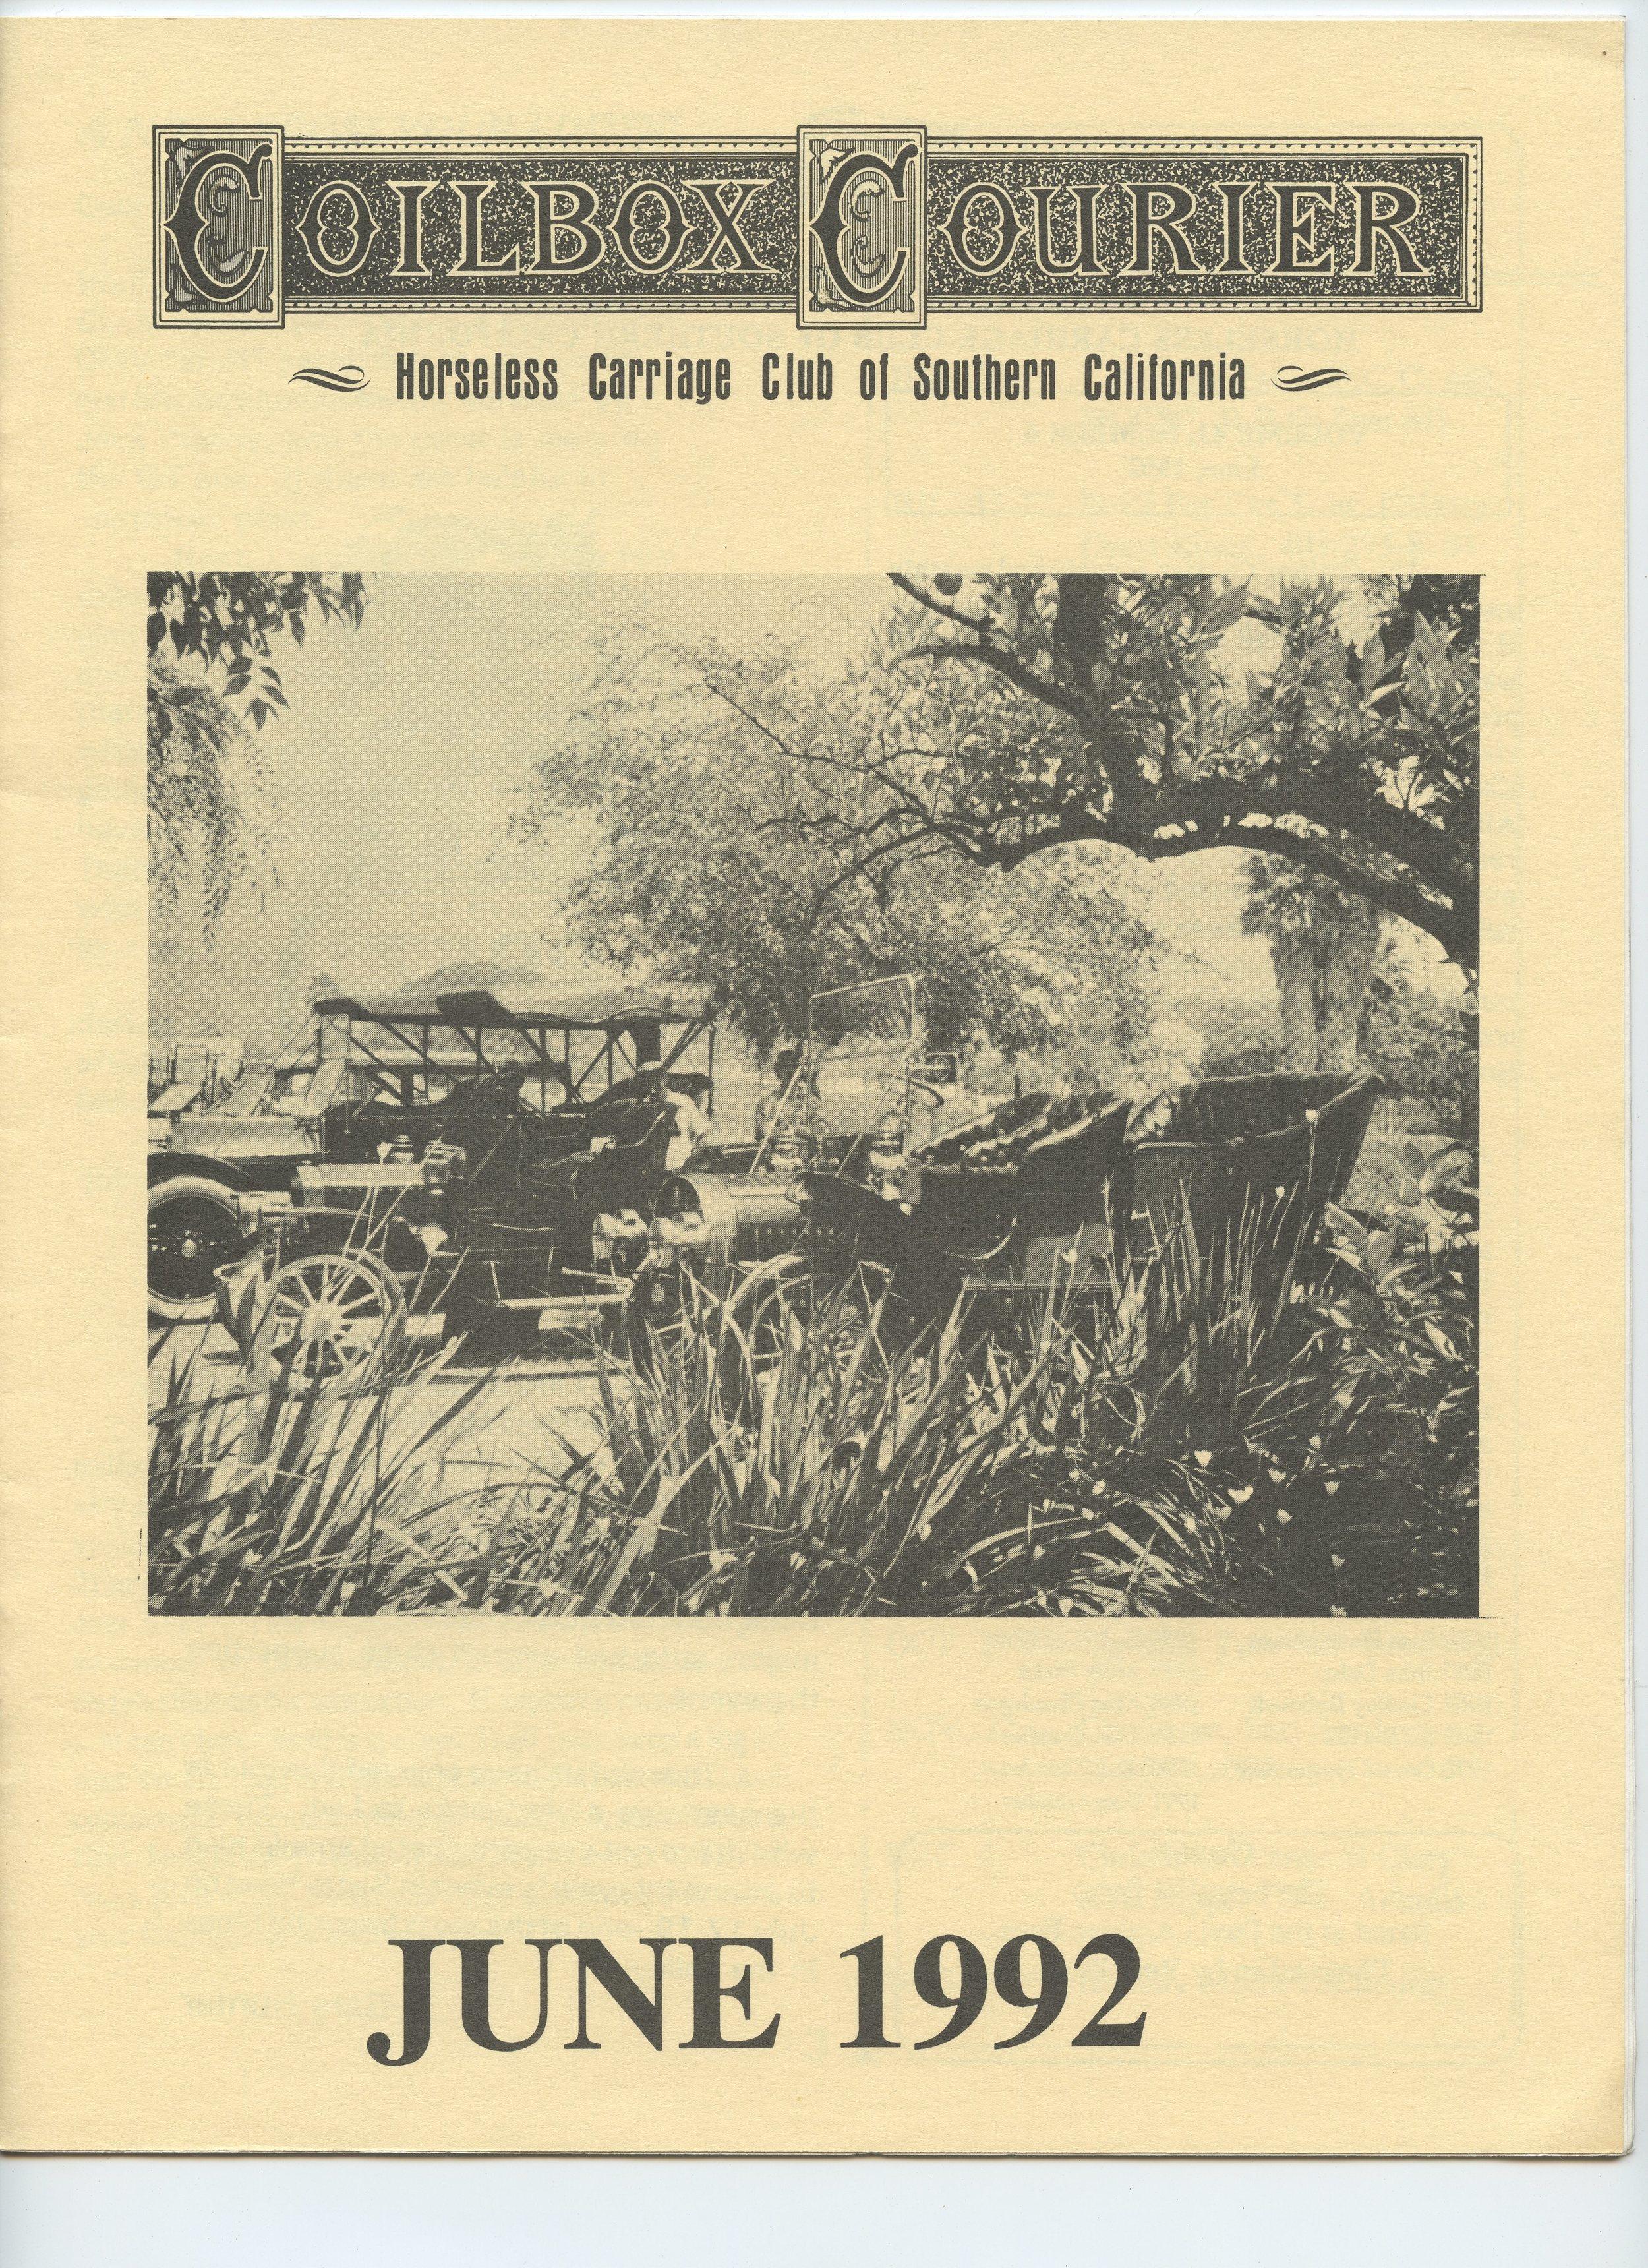 43-6.jpg